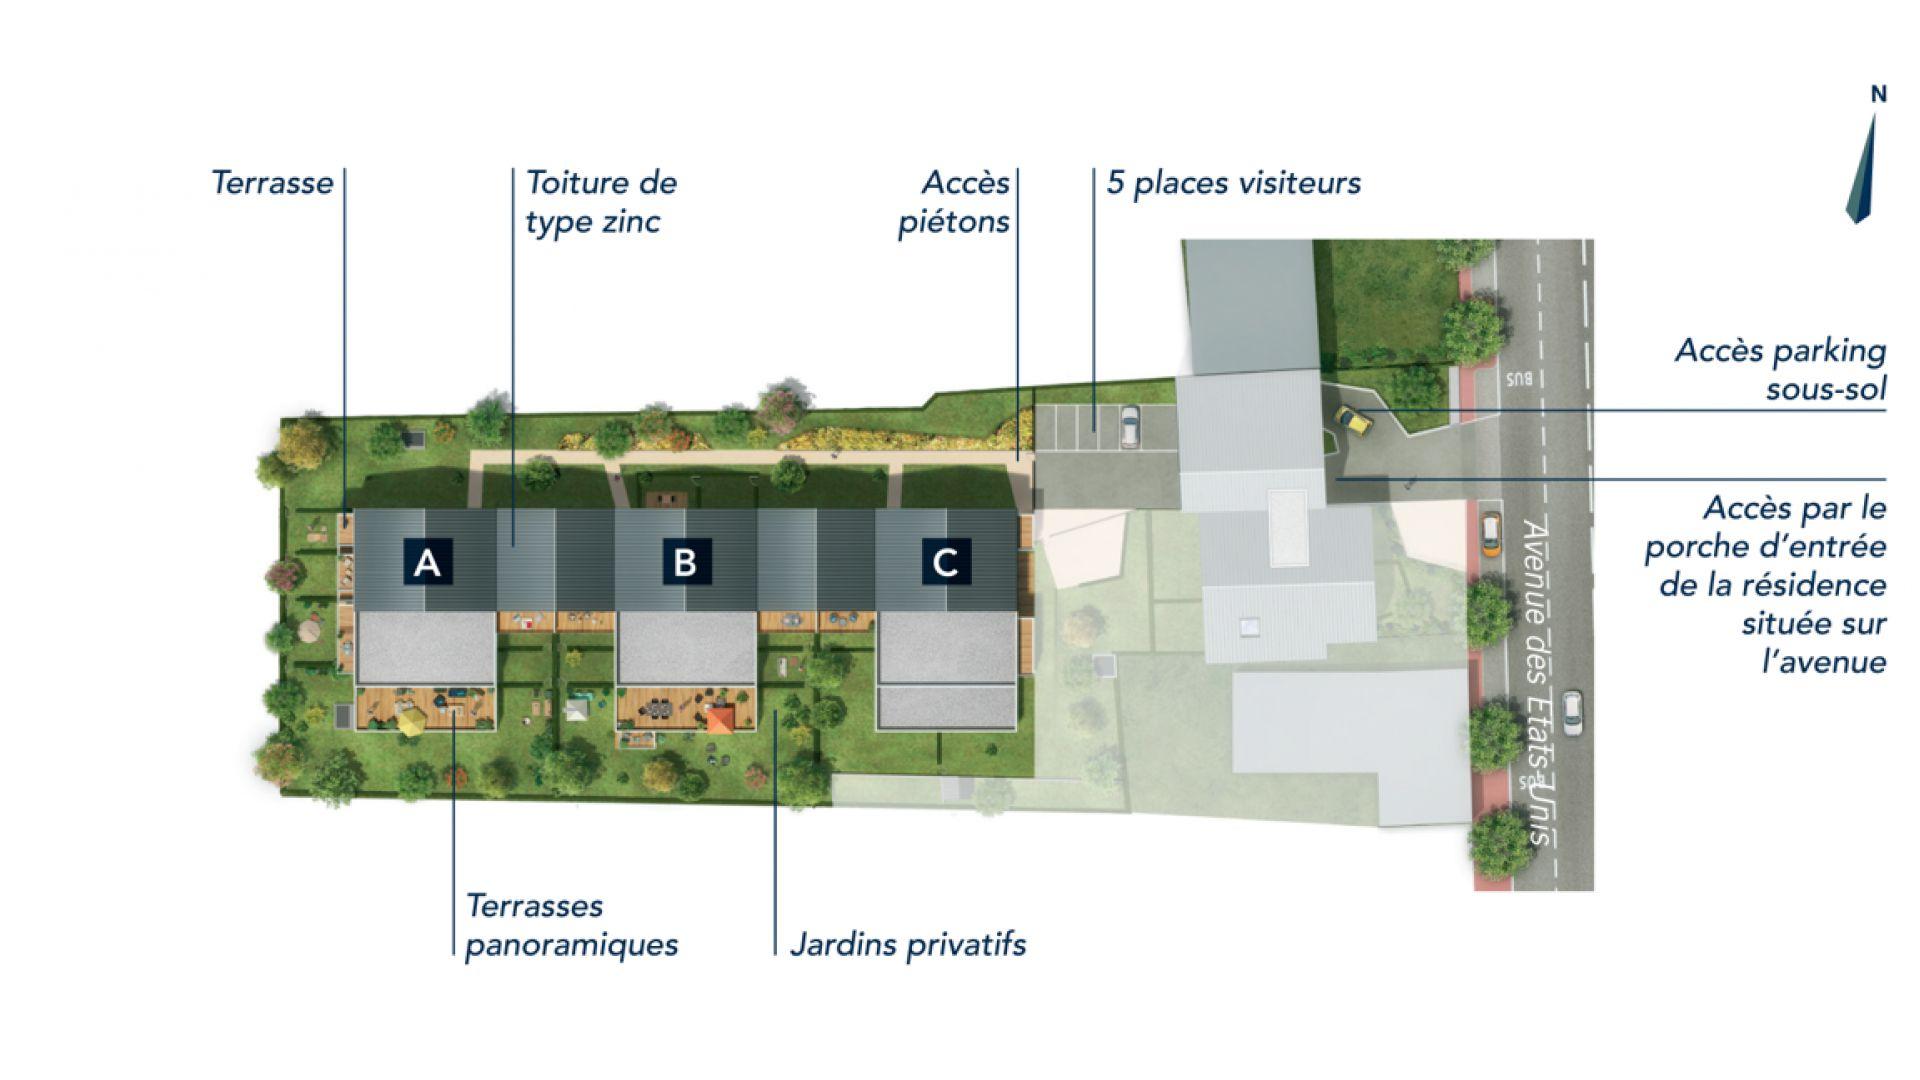 Greencity Immobilier - Résidence Coeur Floréal - 31200 Toulouse Minimes - appartements neufs du T1 au T4   - plan de masse